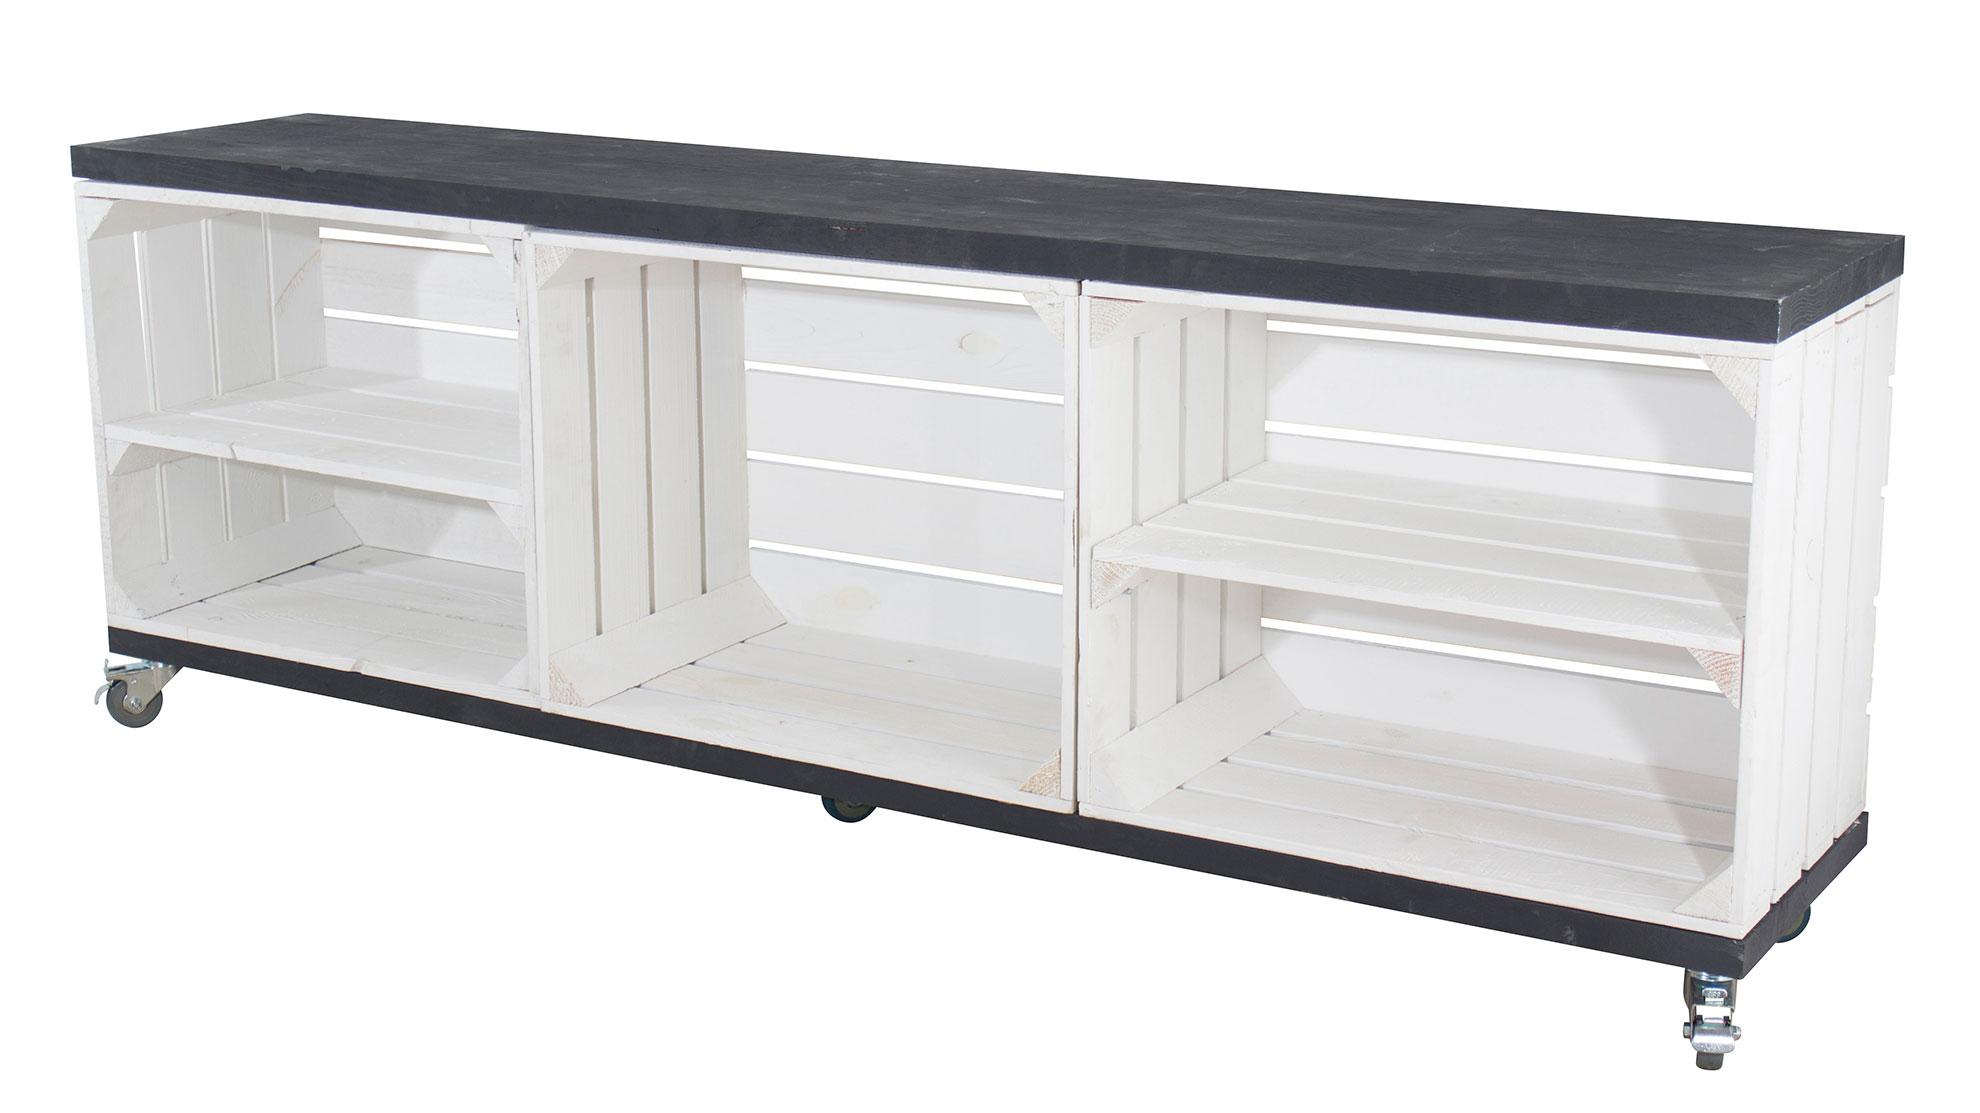 TV Schrank aus 3 weißen Obstkisten mit 2 Bohlenbrettern in schwarz auf Rollen, 150x53x30